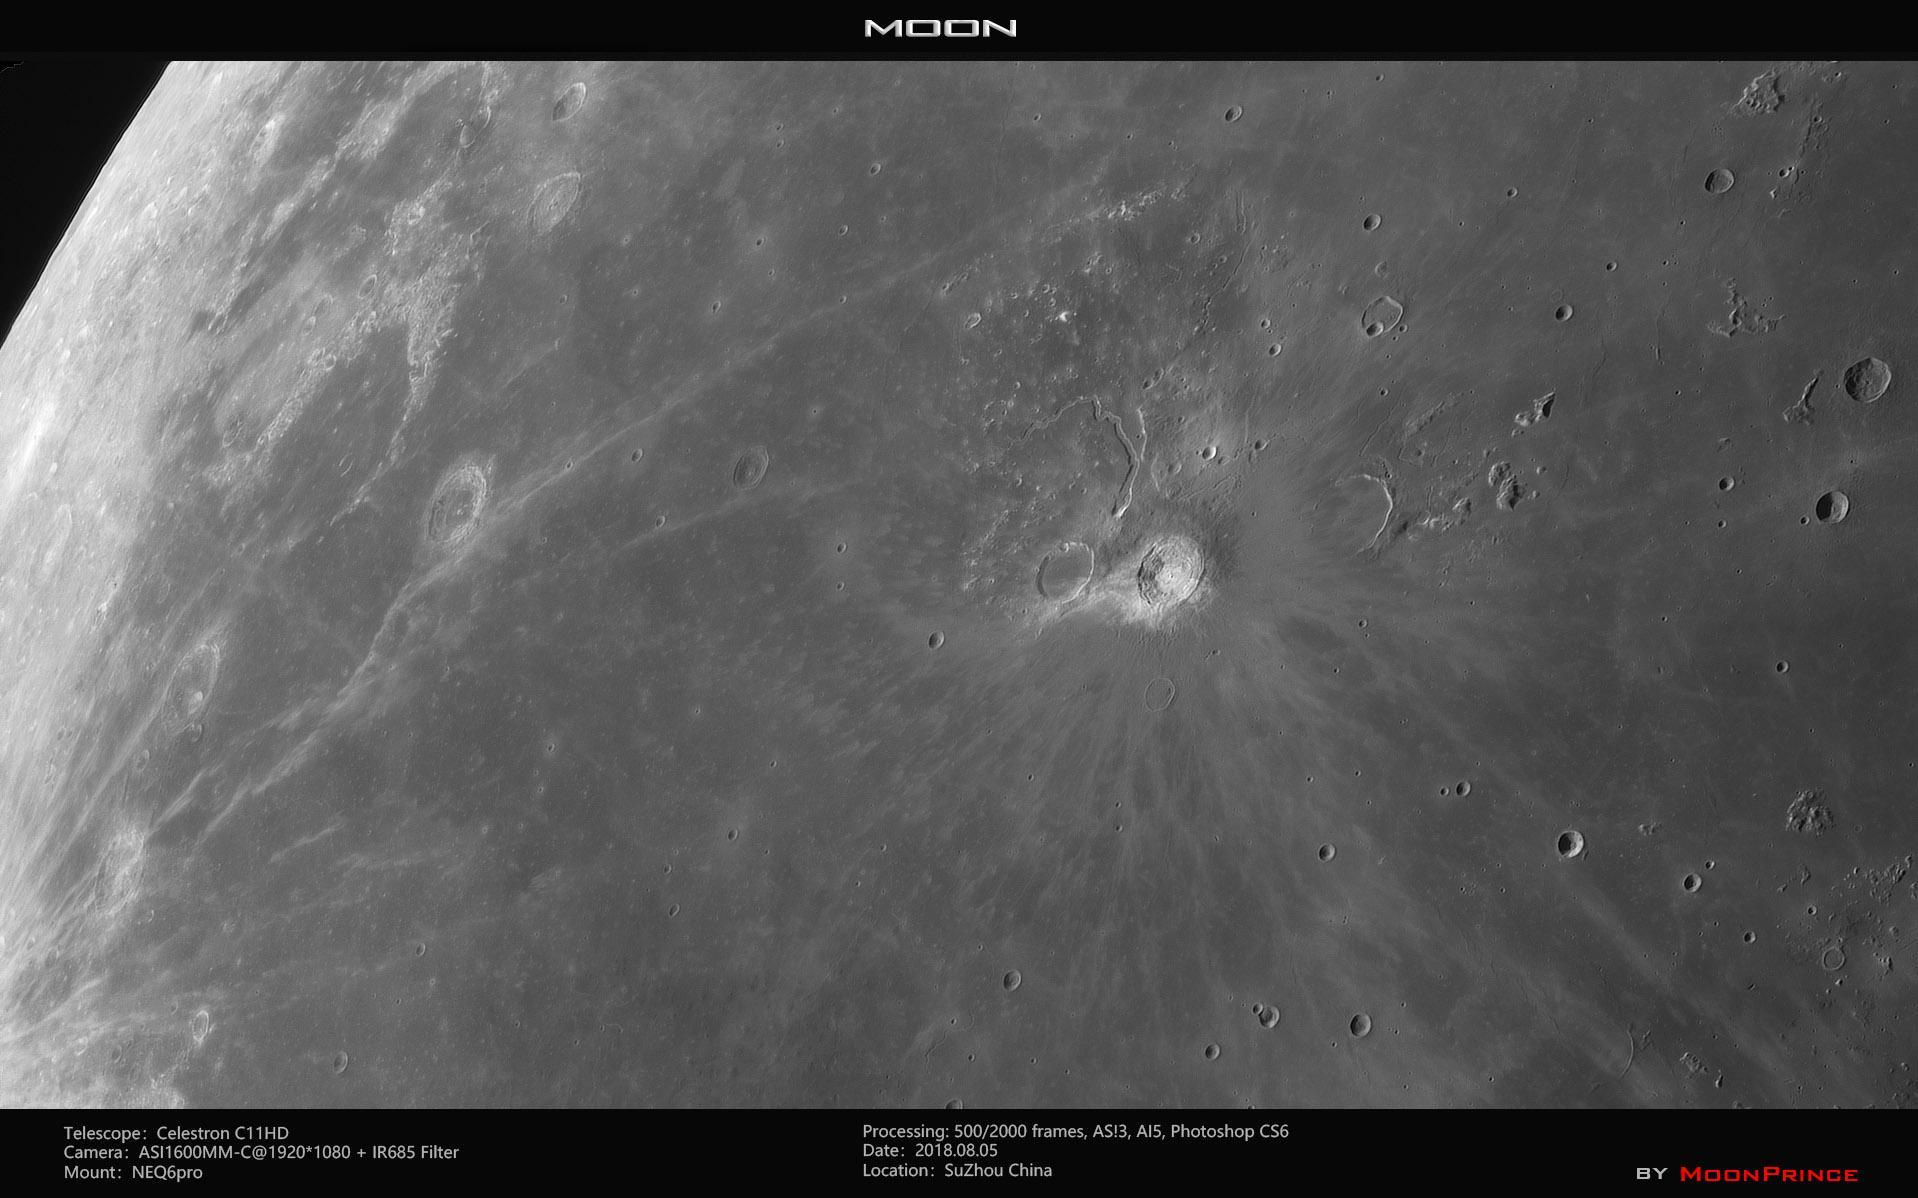 Moon20180805-8.jpg